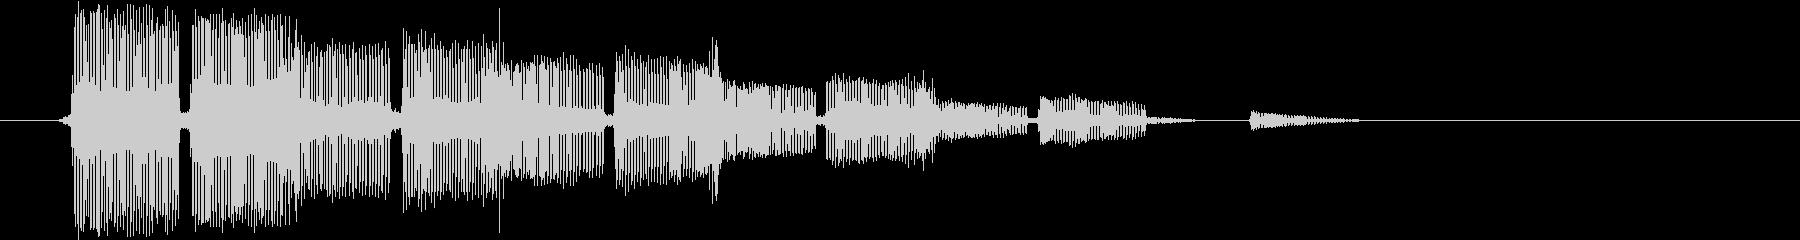 テロリロリローン(選択的)の未再生の波形